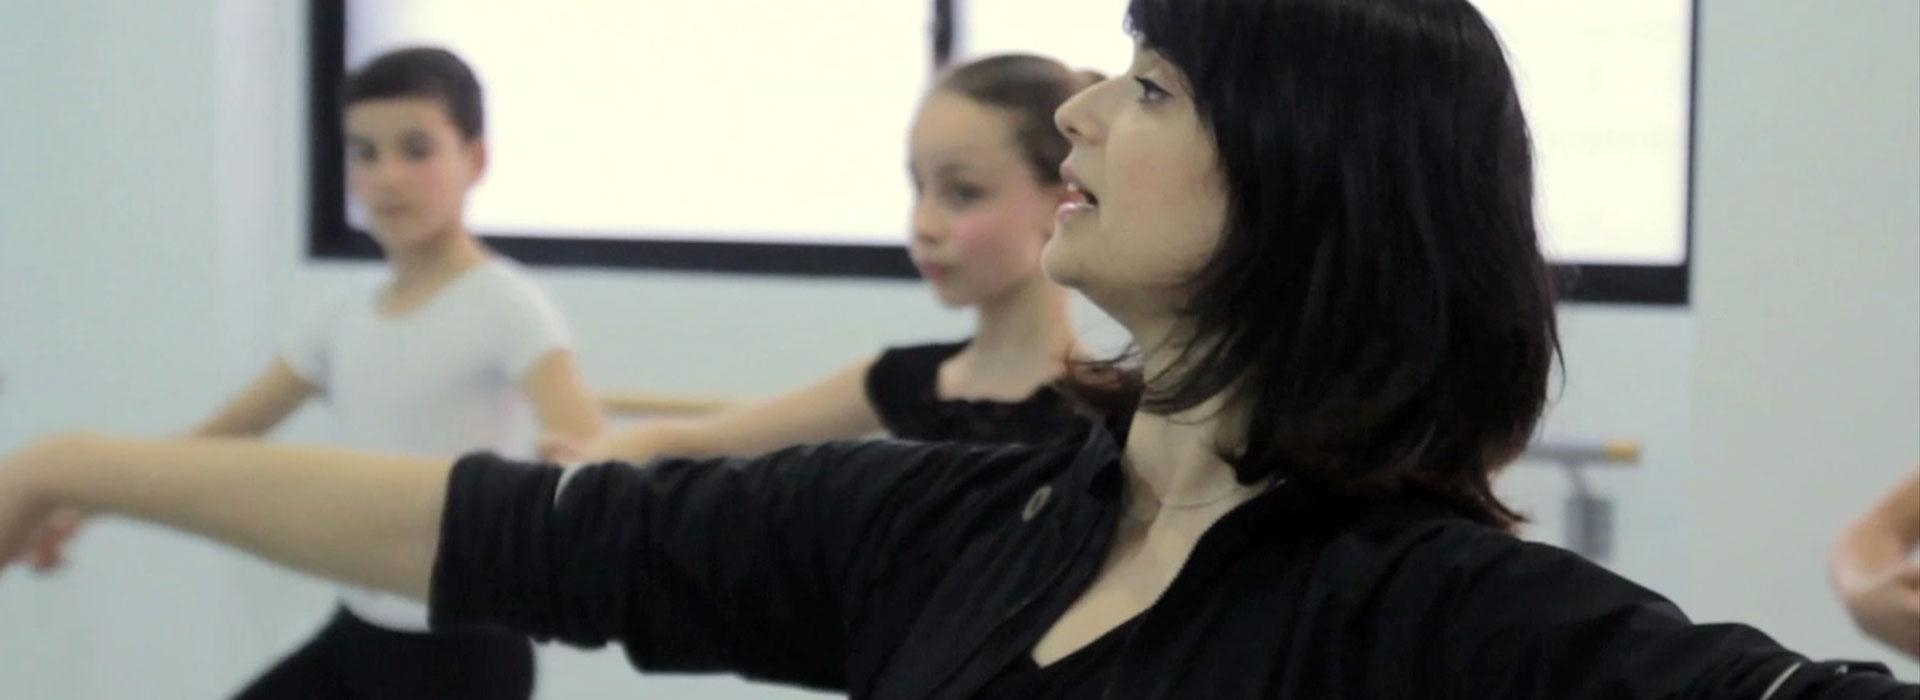 ballet curso intensivo